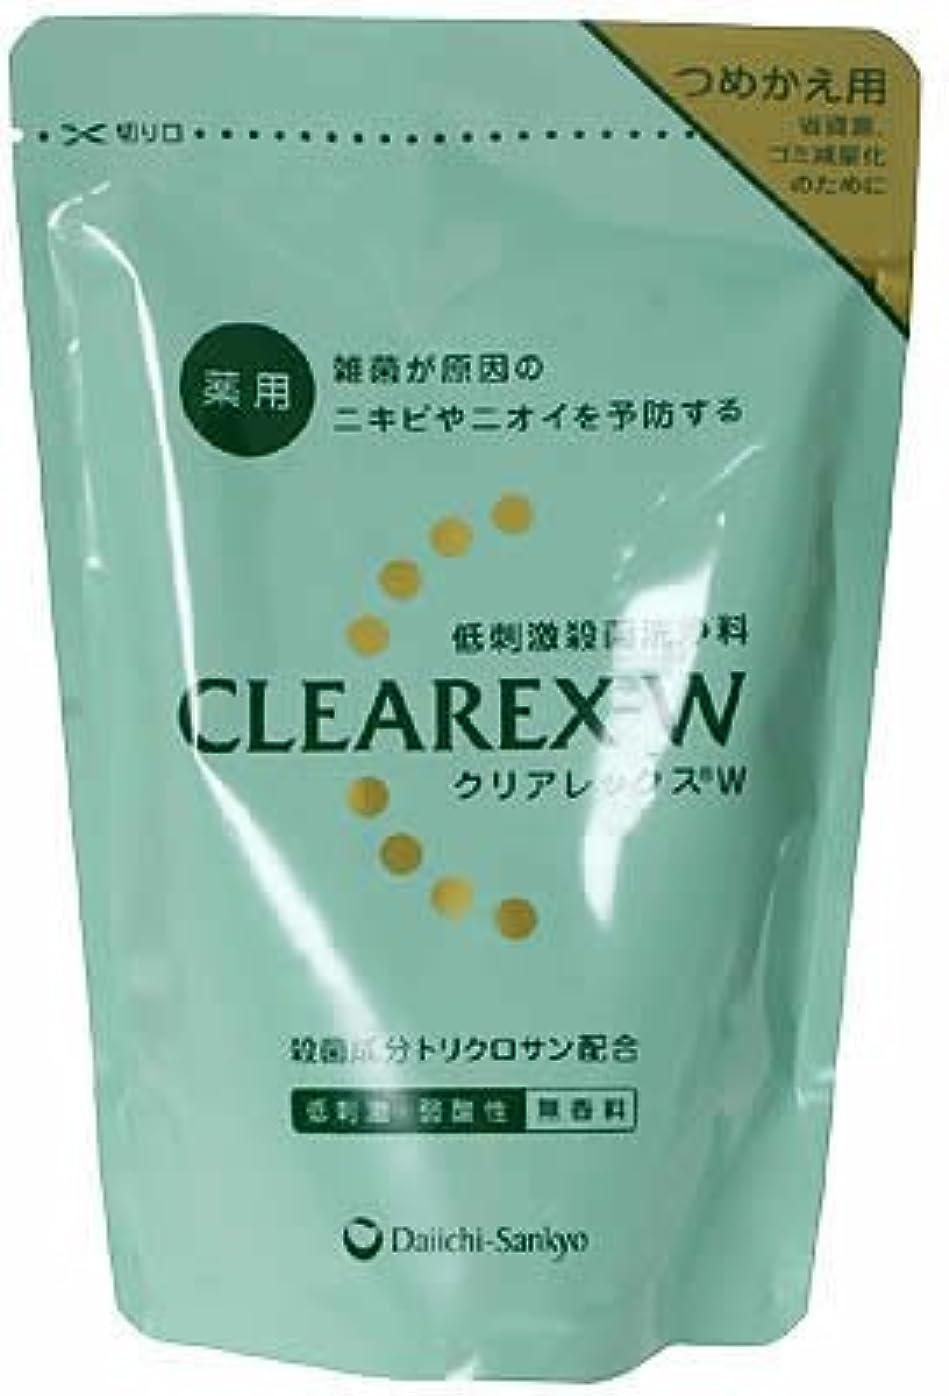 マリンよく話される時間クリアレックス W 詰替用 380mL 【医薬部外品】